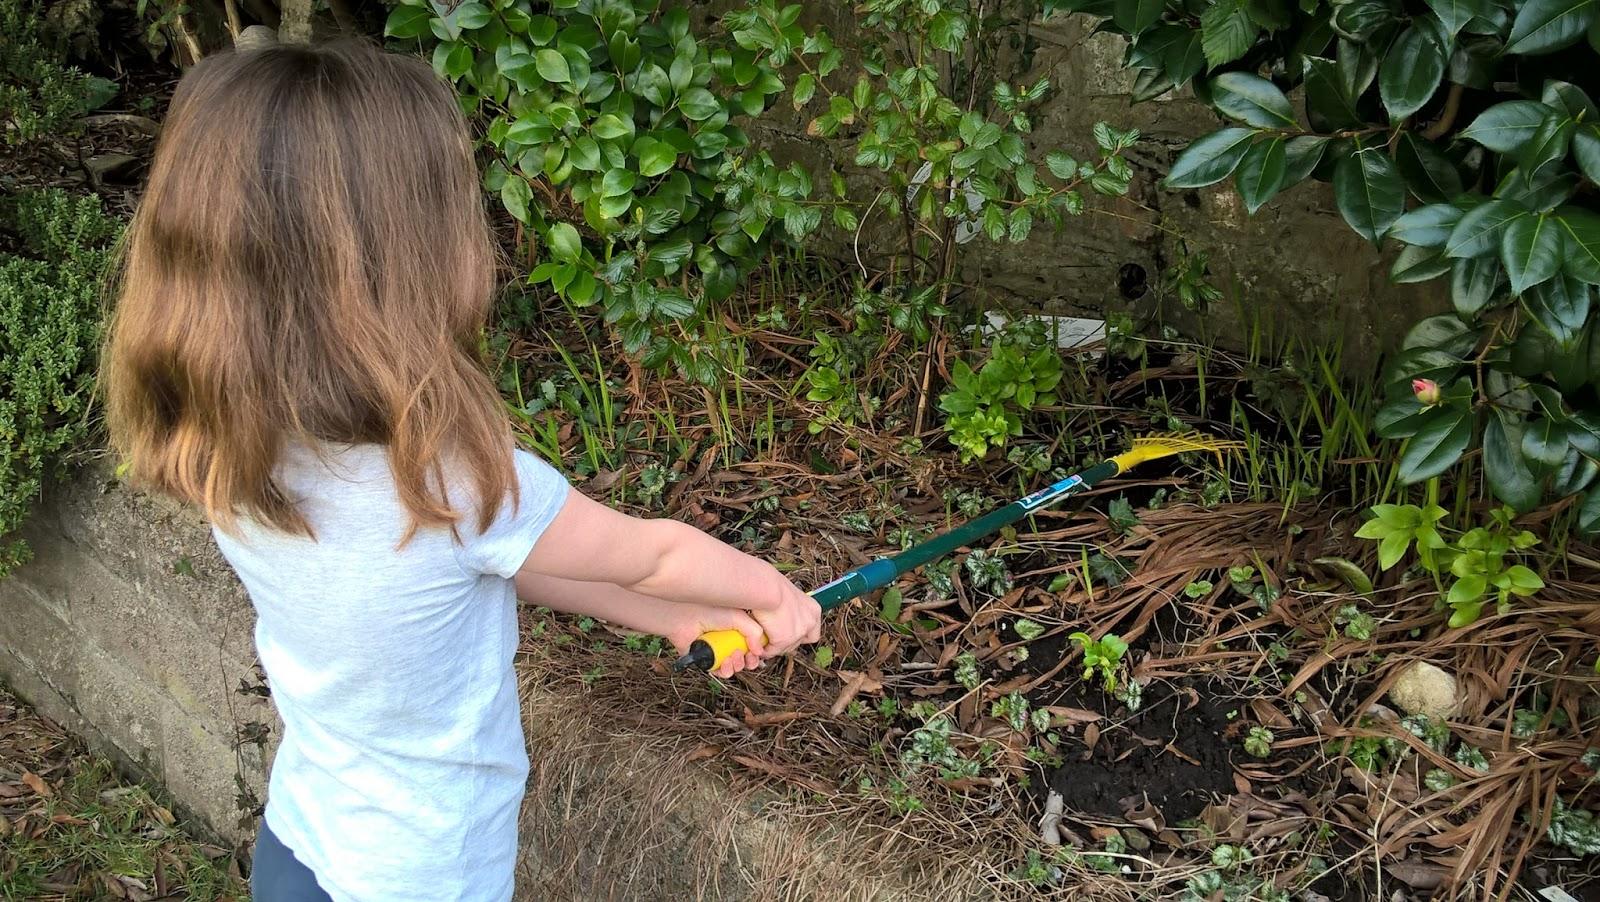 Caitlin Hobbis raking leaves in the garden - Surcare Help A Hand Challenge - motherdistracted.co.uk